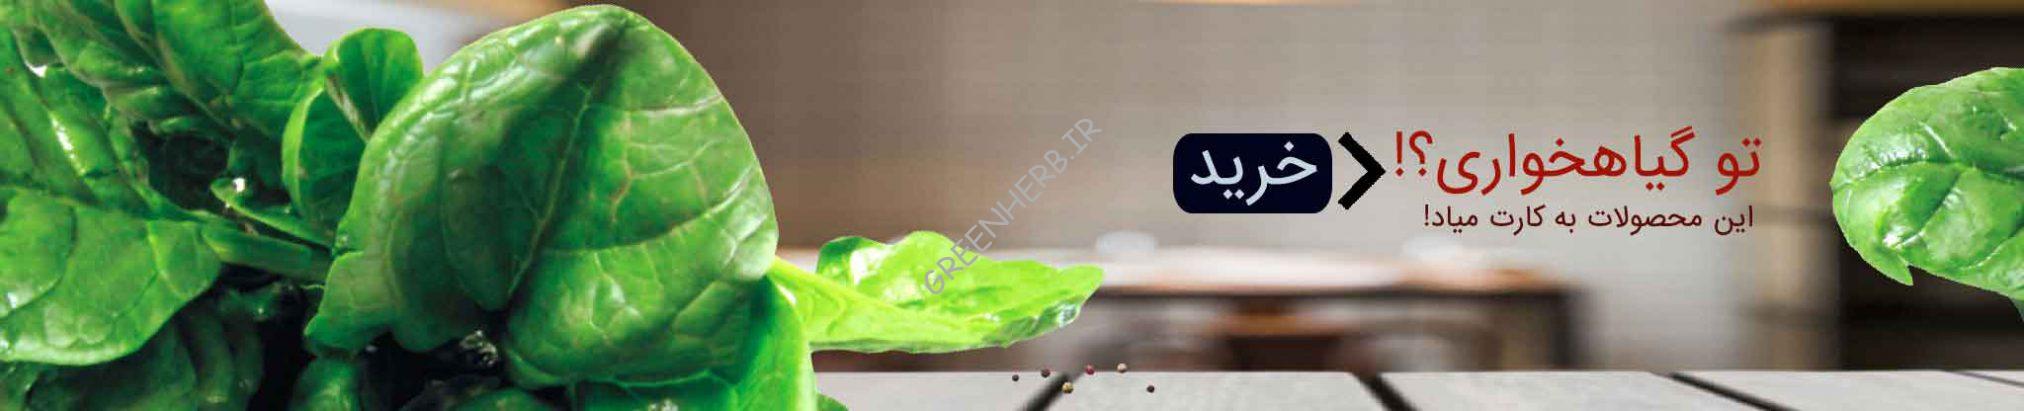 خرید محصولات گیاهخواری